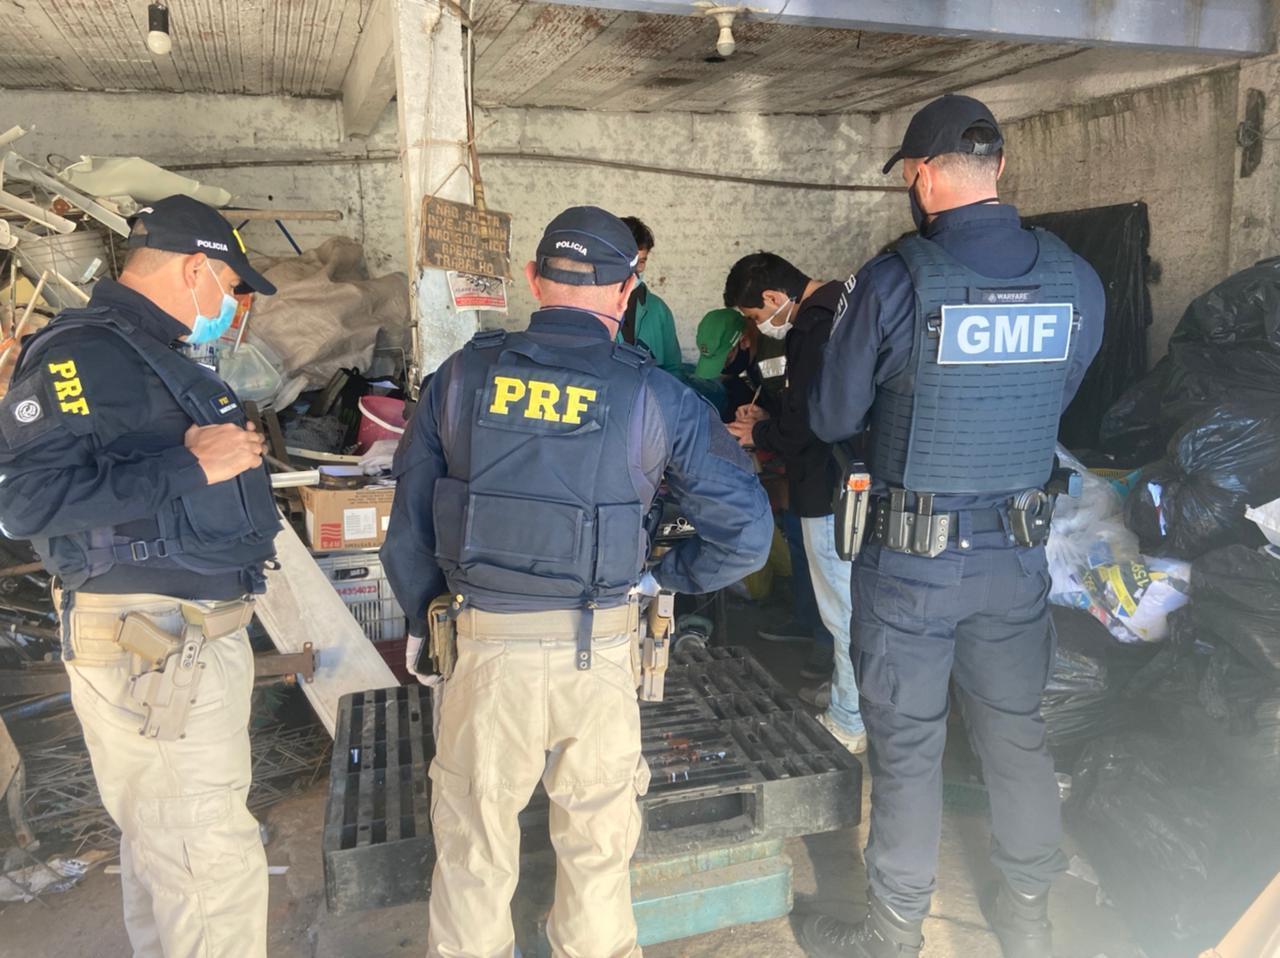 Força-Tarefa: Operação Fio Desencapado realiza nova ação para coibir crime de receptação de itens furtados